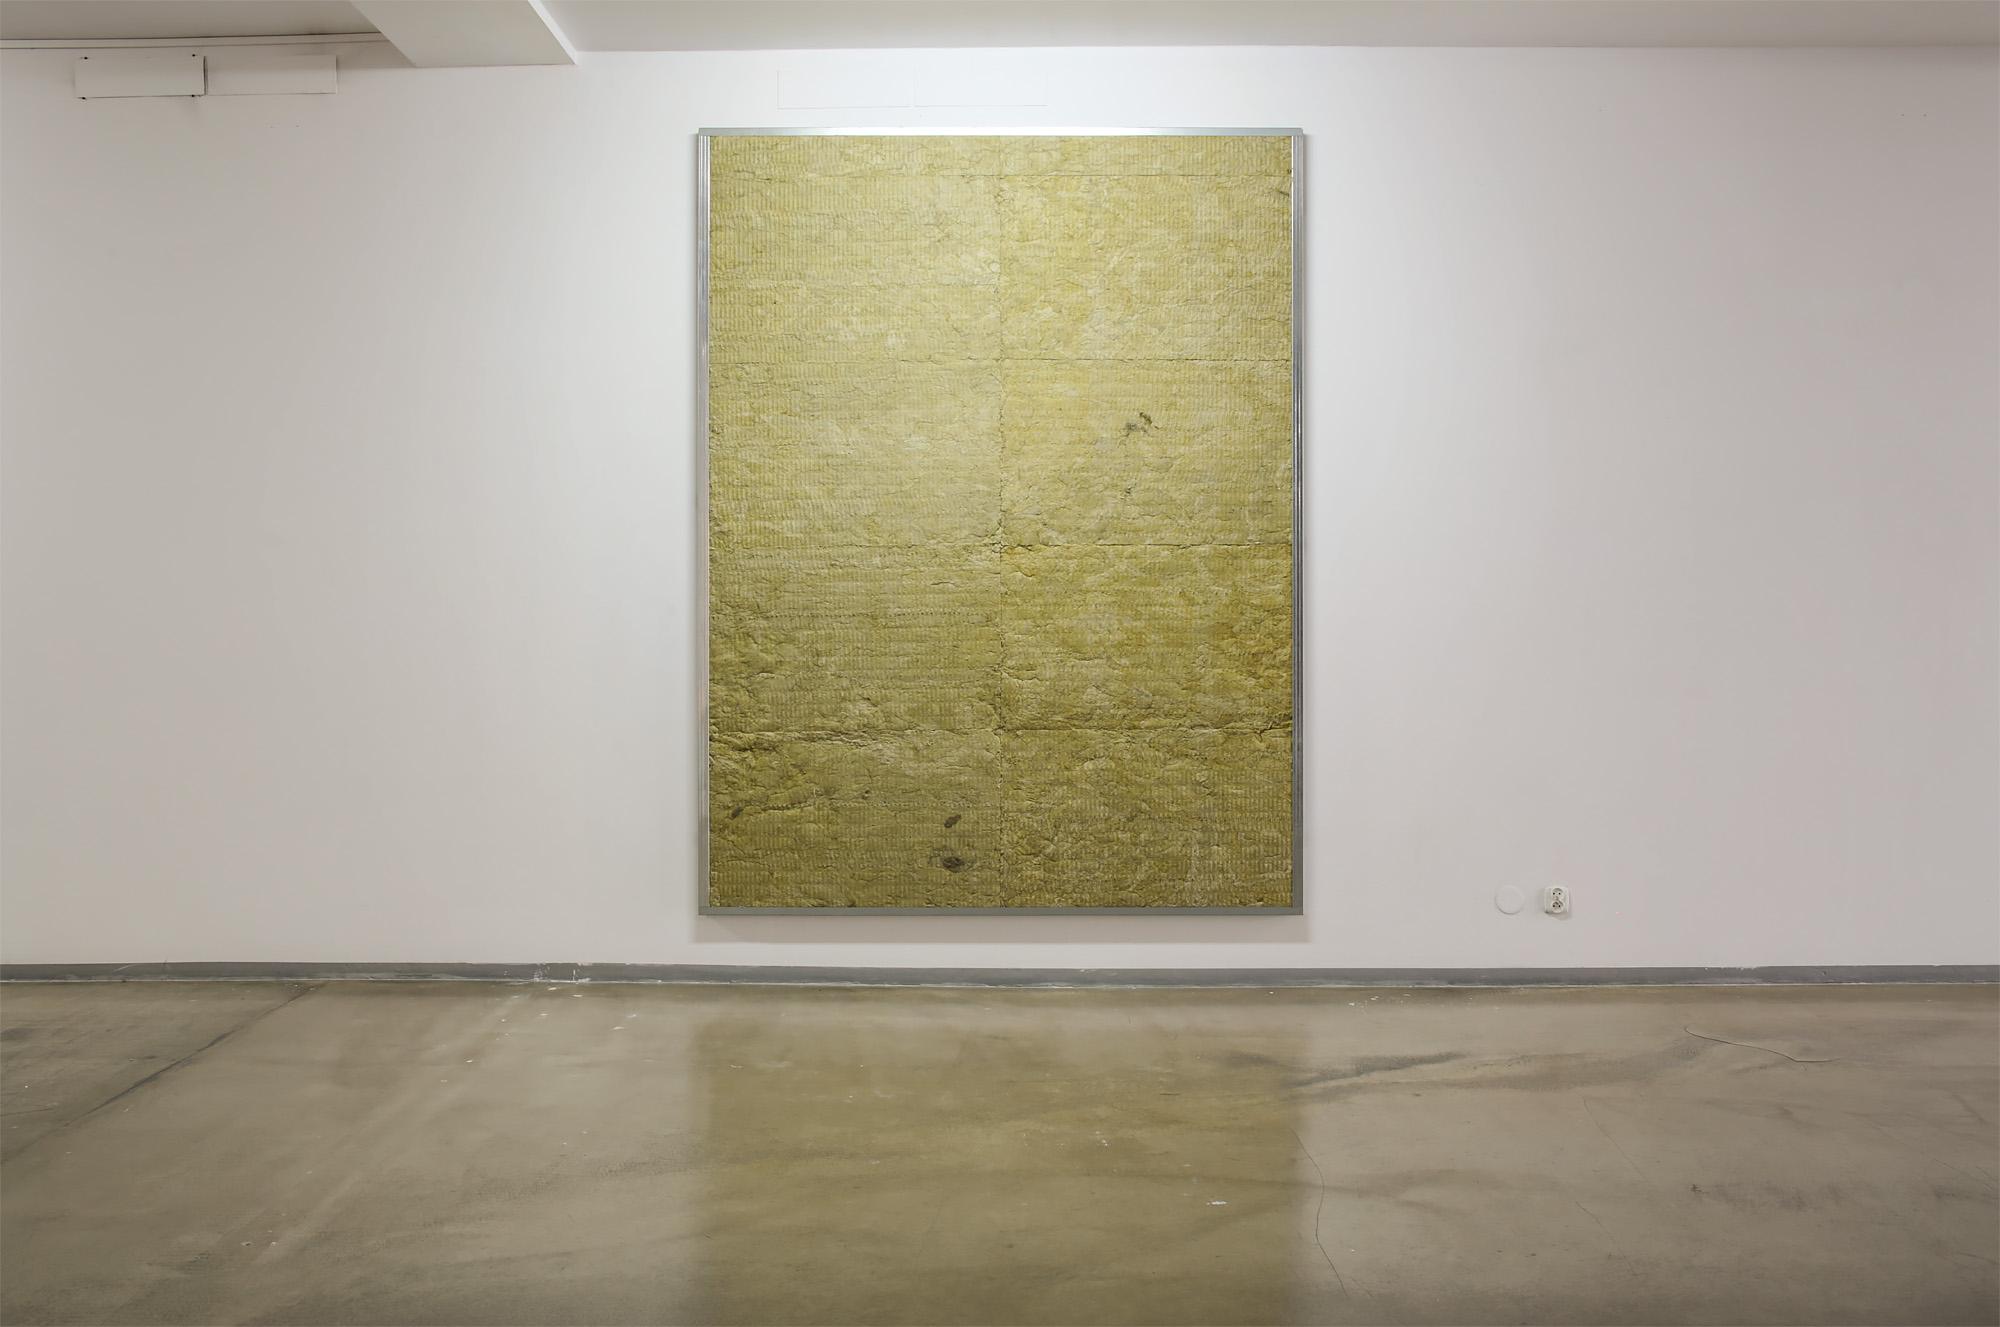 Daniel Koniusz, Untitled. Cathing views, dzięki uprzejmości Galerii Wschód